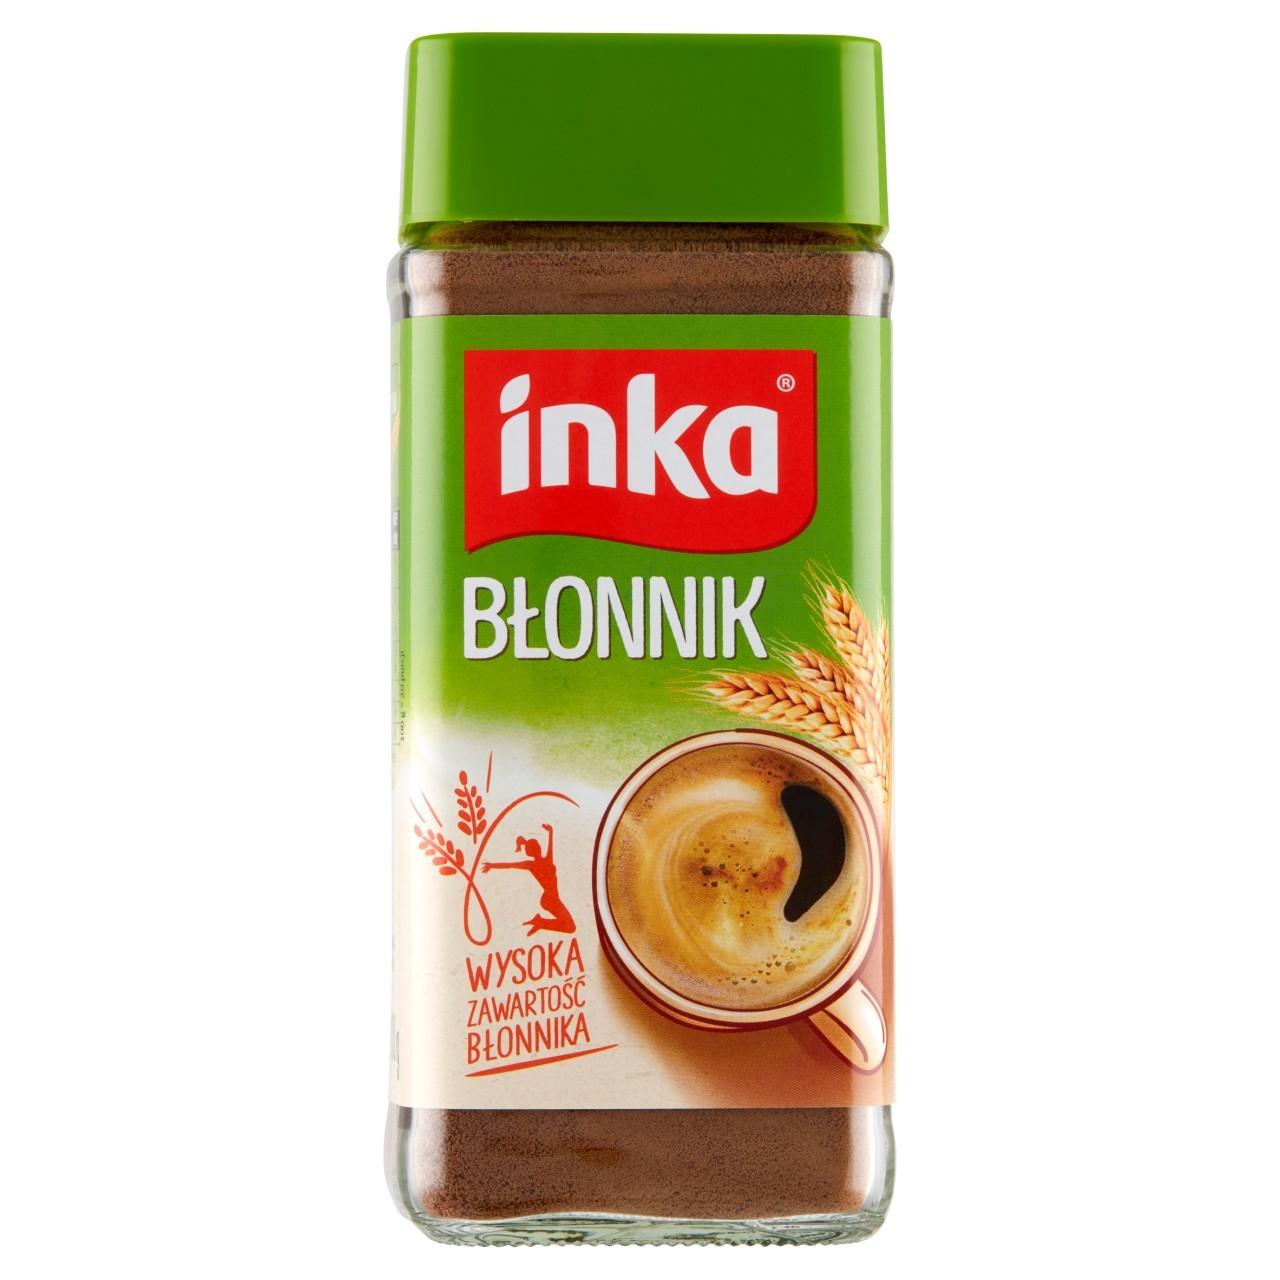 inka-blonnik-rozpuszczalna-kawa-zbozowa-